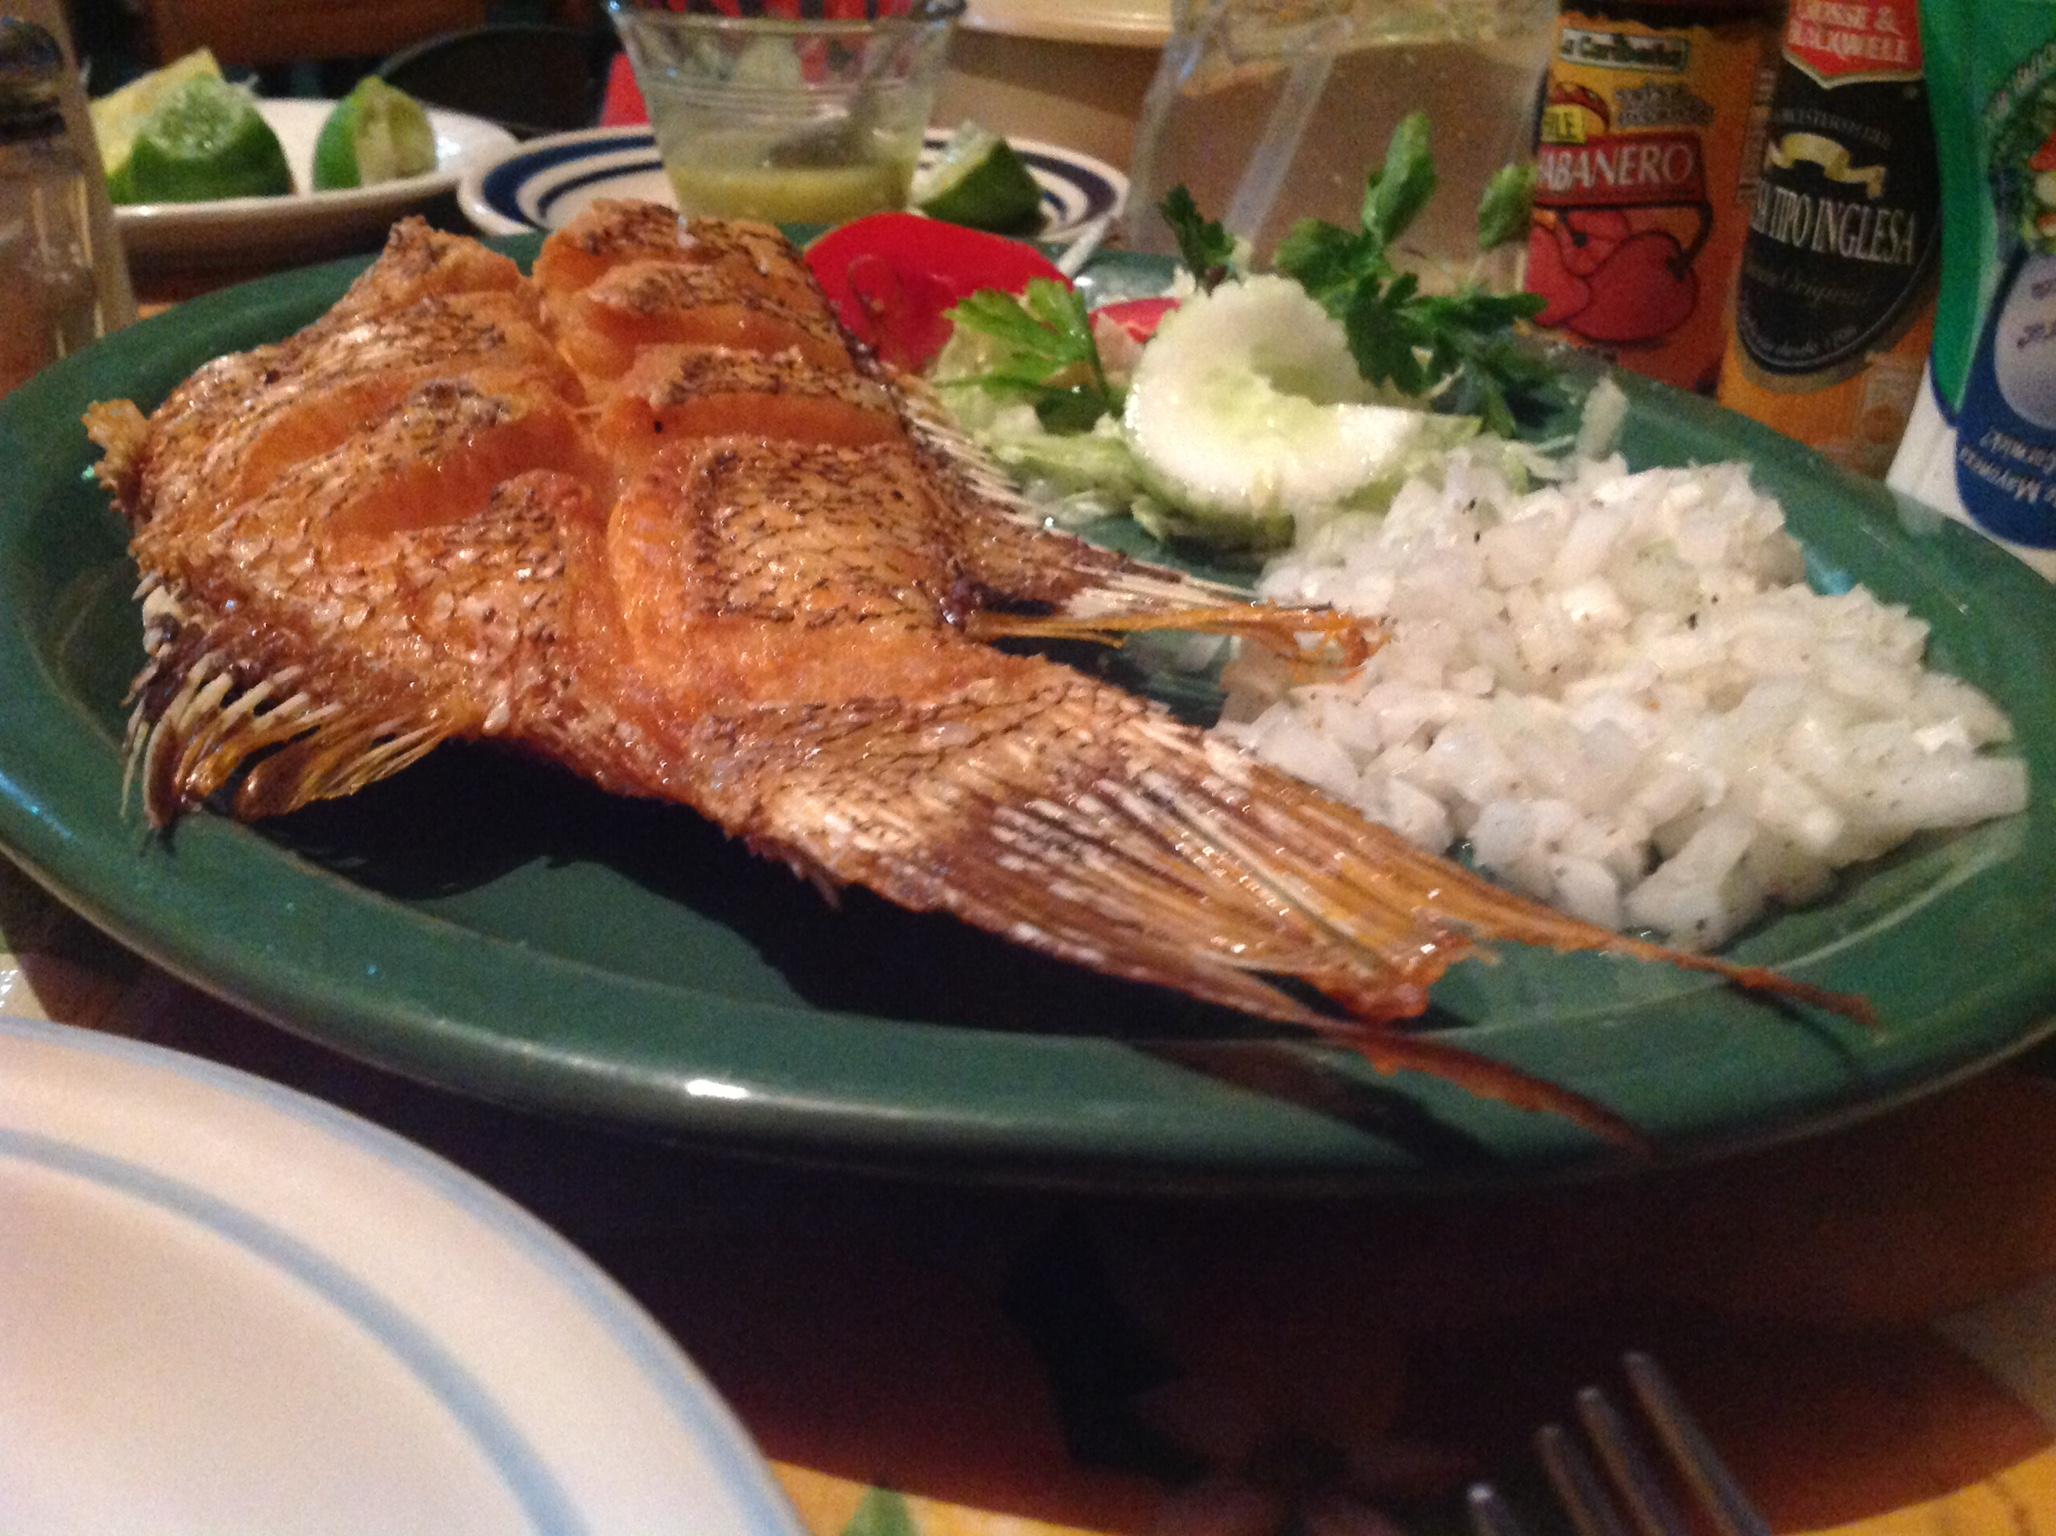 restaurant repas alimentation Mexique bouffe